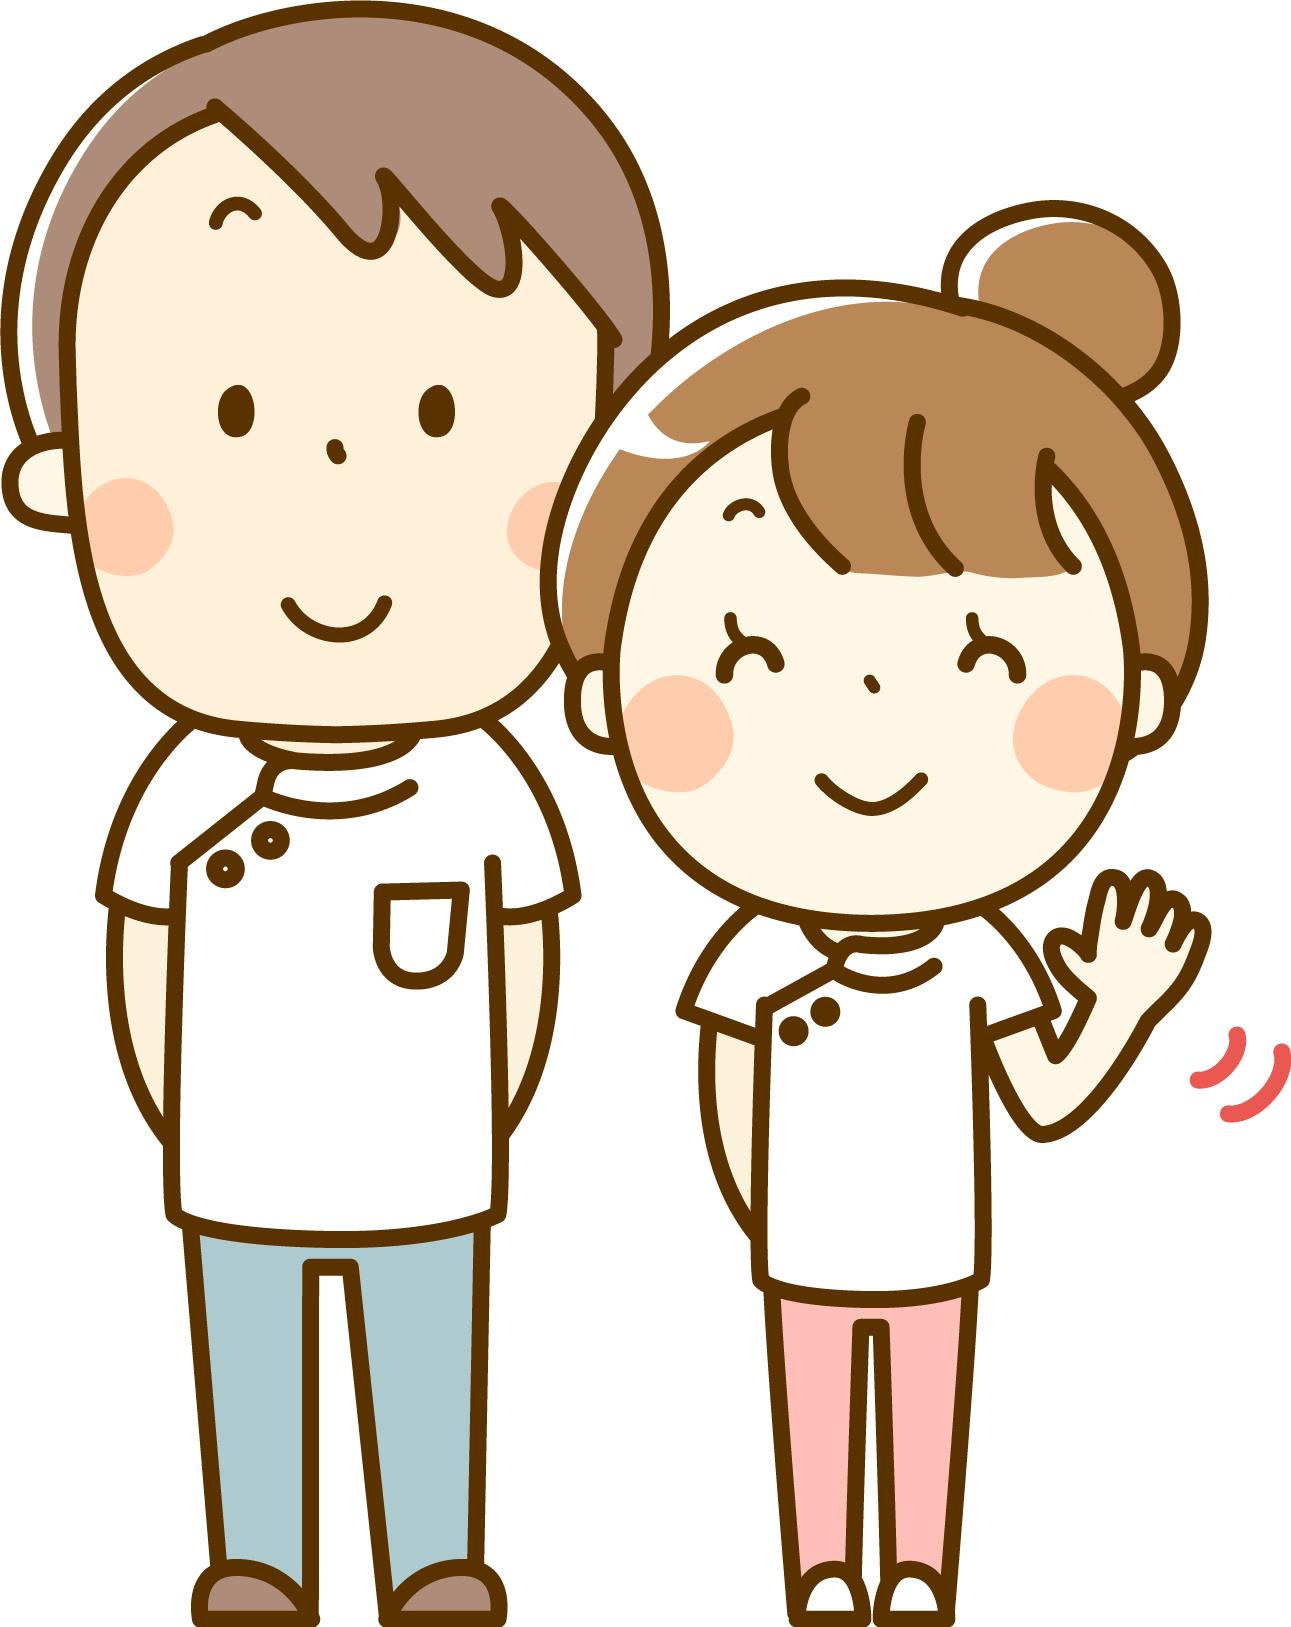 【宮城野区/訪問看護】東仙台駅から徒歩★大手法人グループ運営★訪問看護ステーションで正社員◎